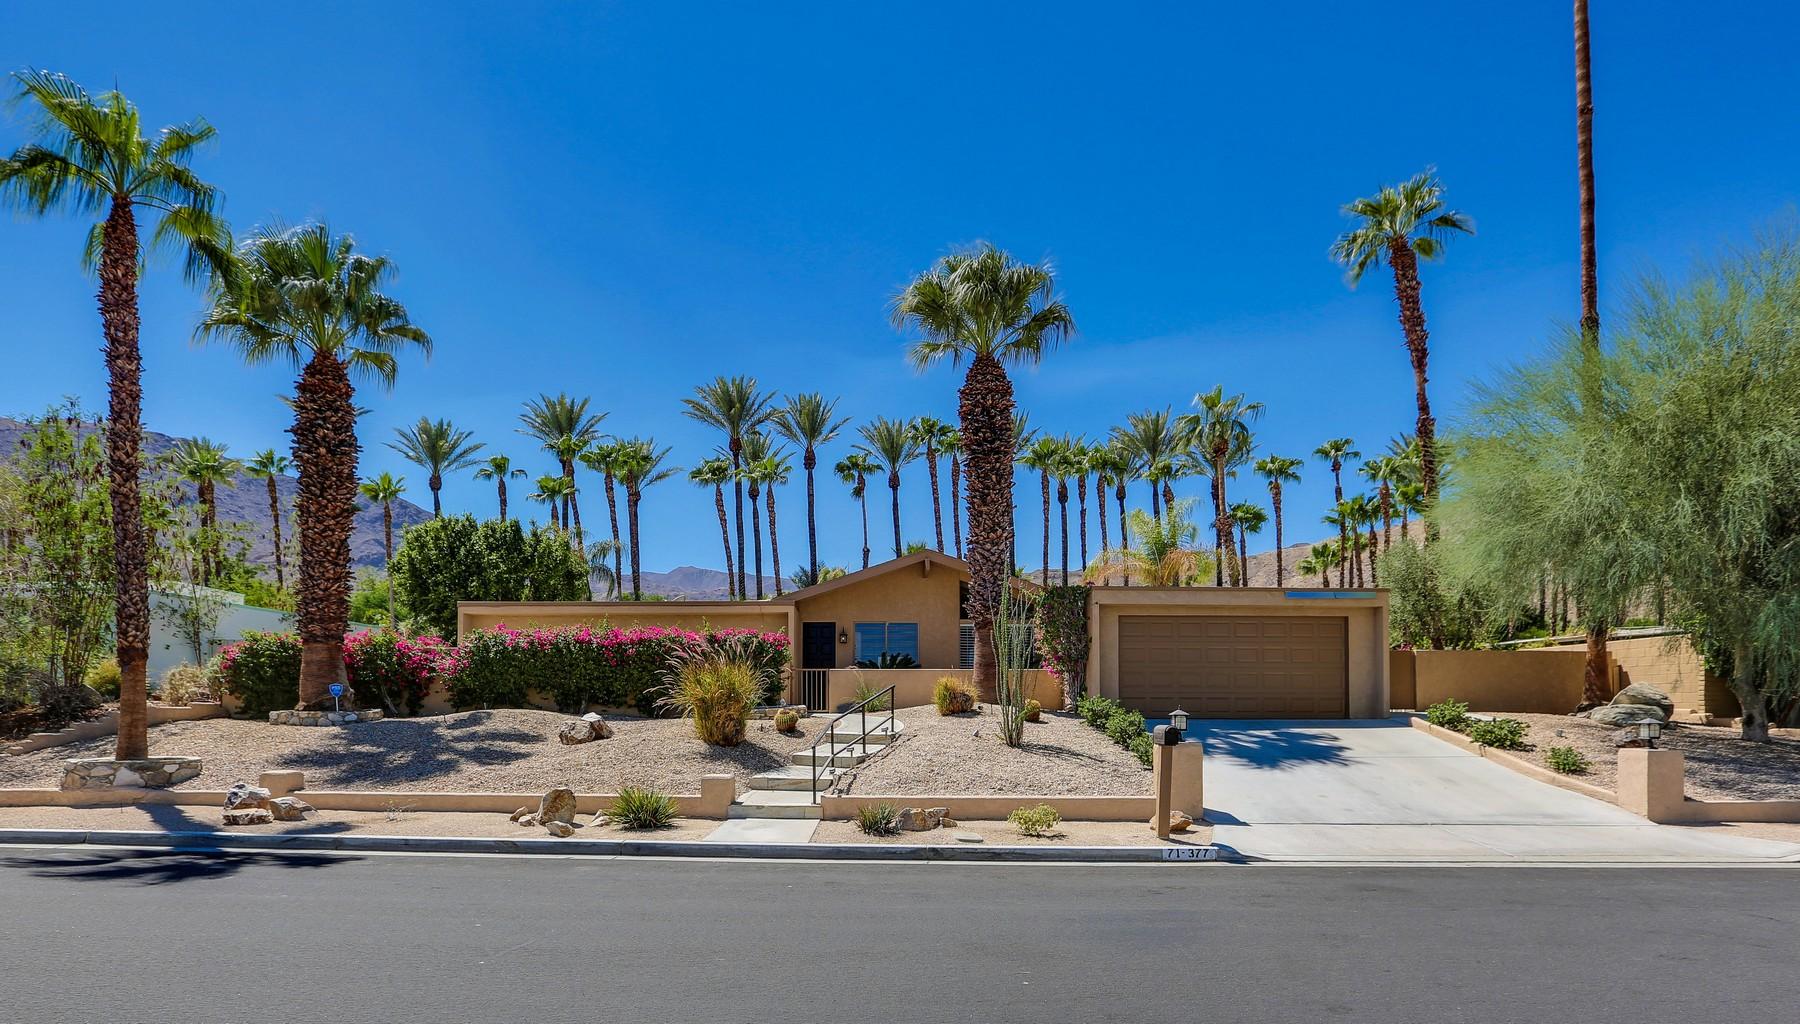 一戸建て のために 売買 アット 71377 Halgar Road Rancho Mirage, カリフォルニア, 92270 アメリカ合衆国